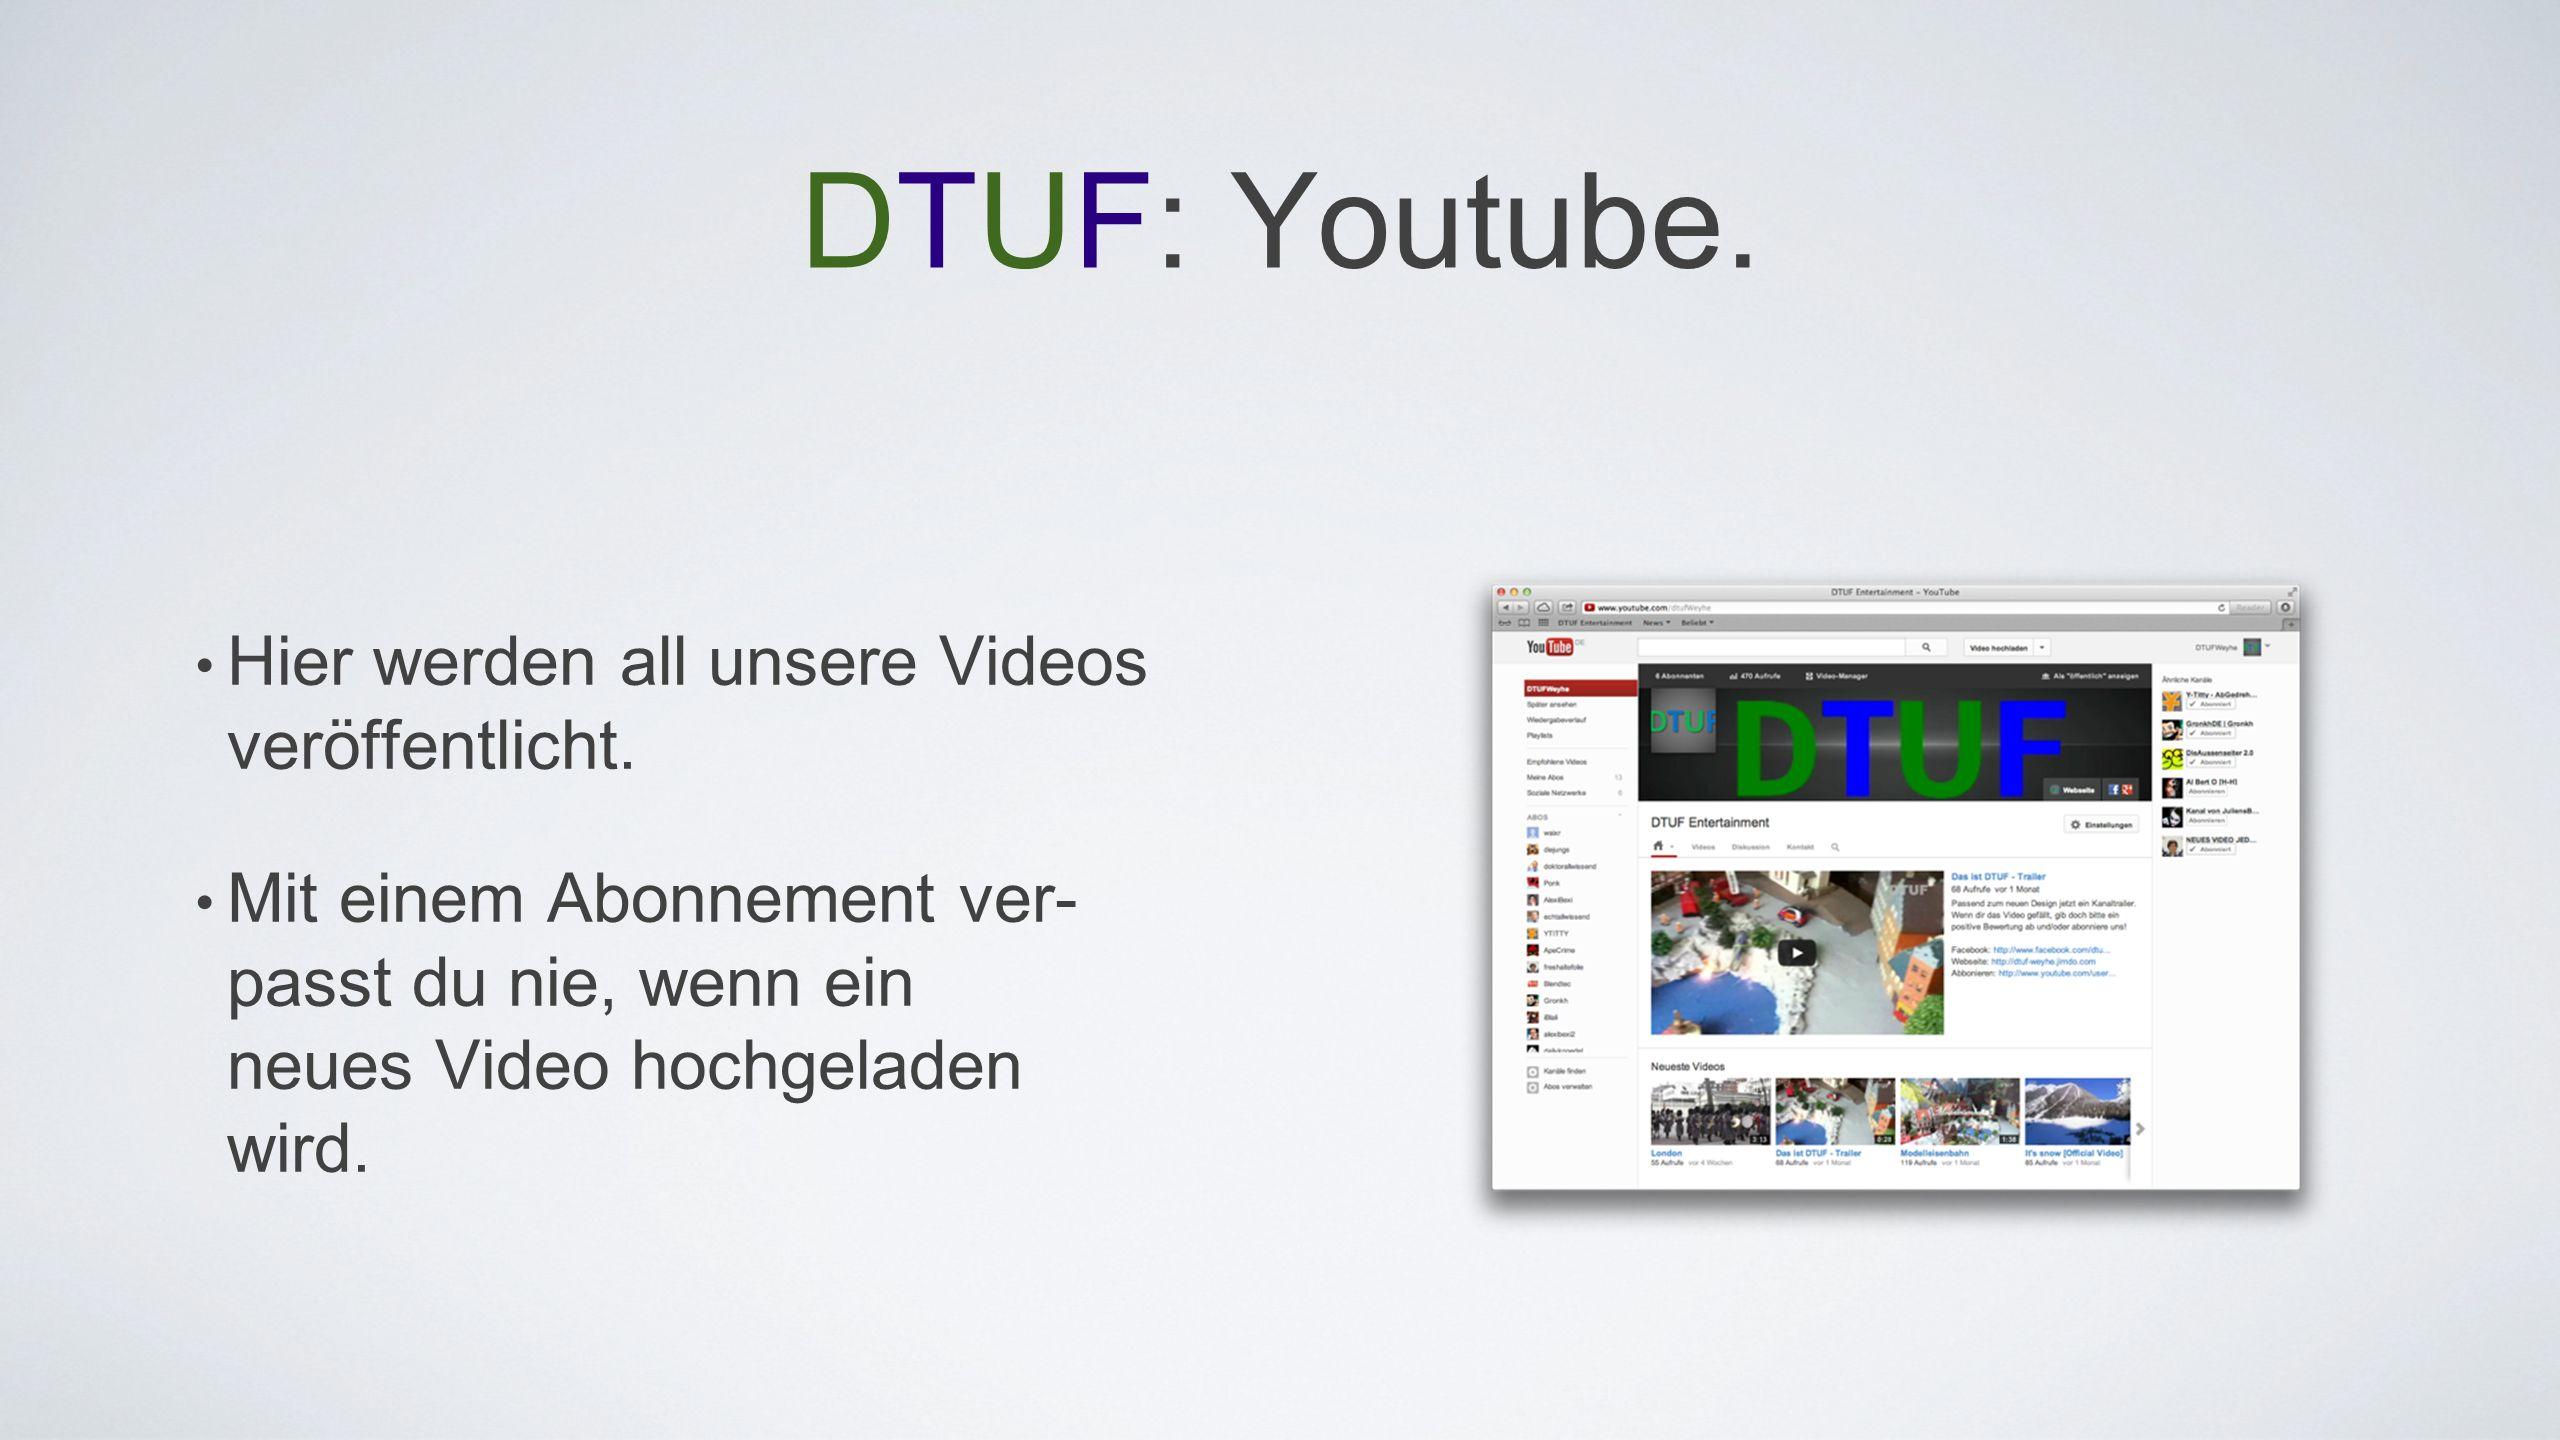 DTUF: Youtube. Hier werden all unsere Videos veröffentlicht. Mit einem Abonnement ver- passt du nie, wenn ein neues Video hochgeladen wird.